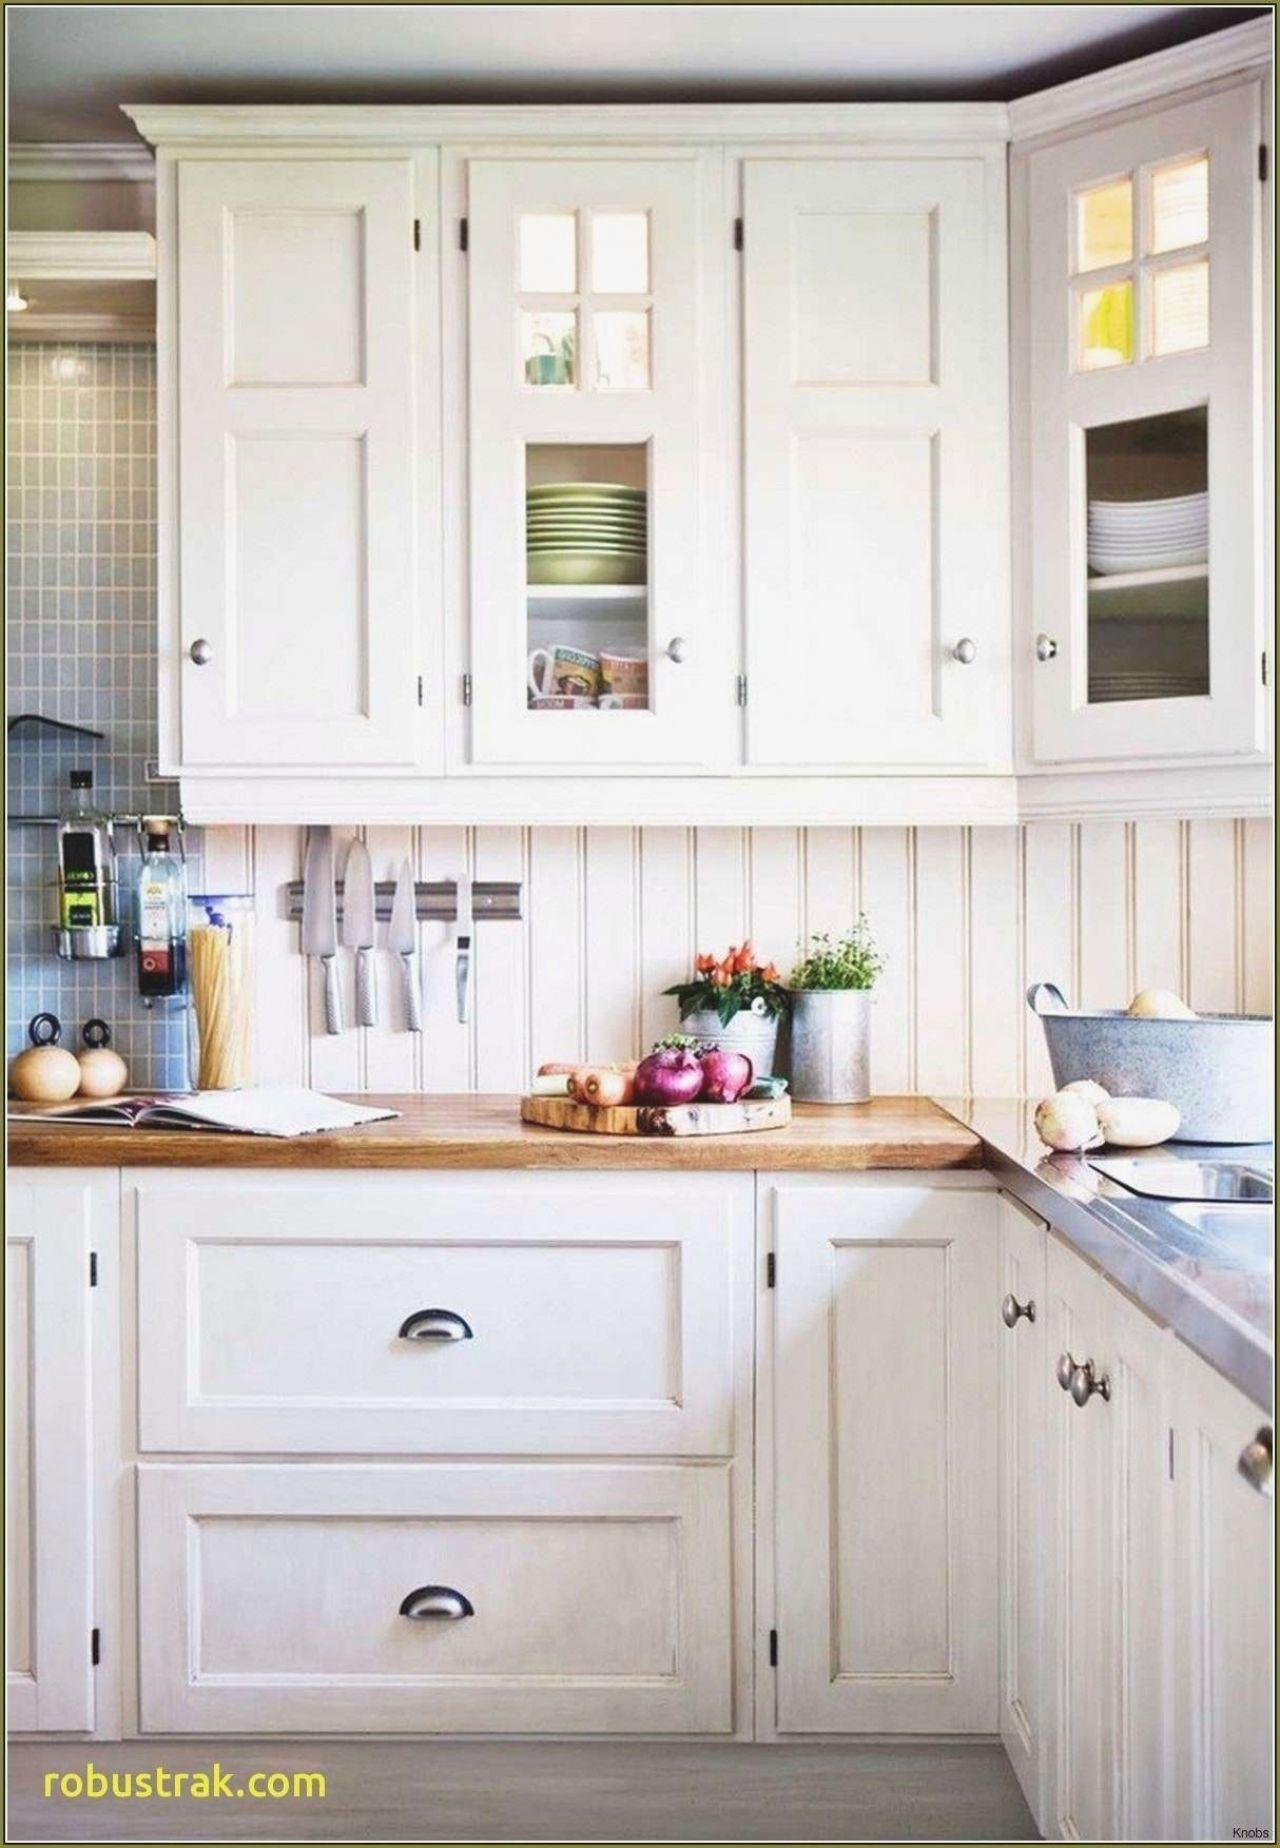 Elegant Replacement Kitchen Cabinet Doors